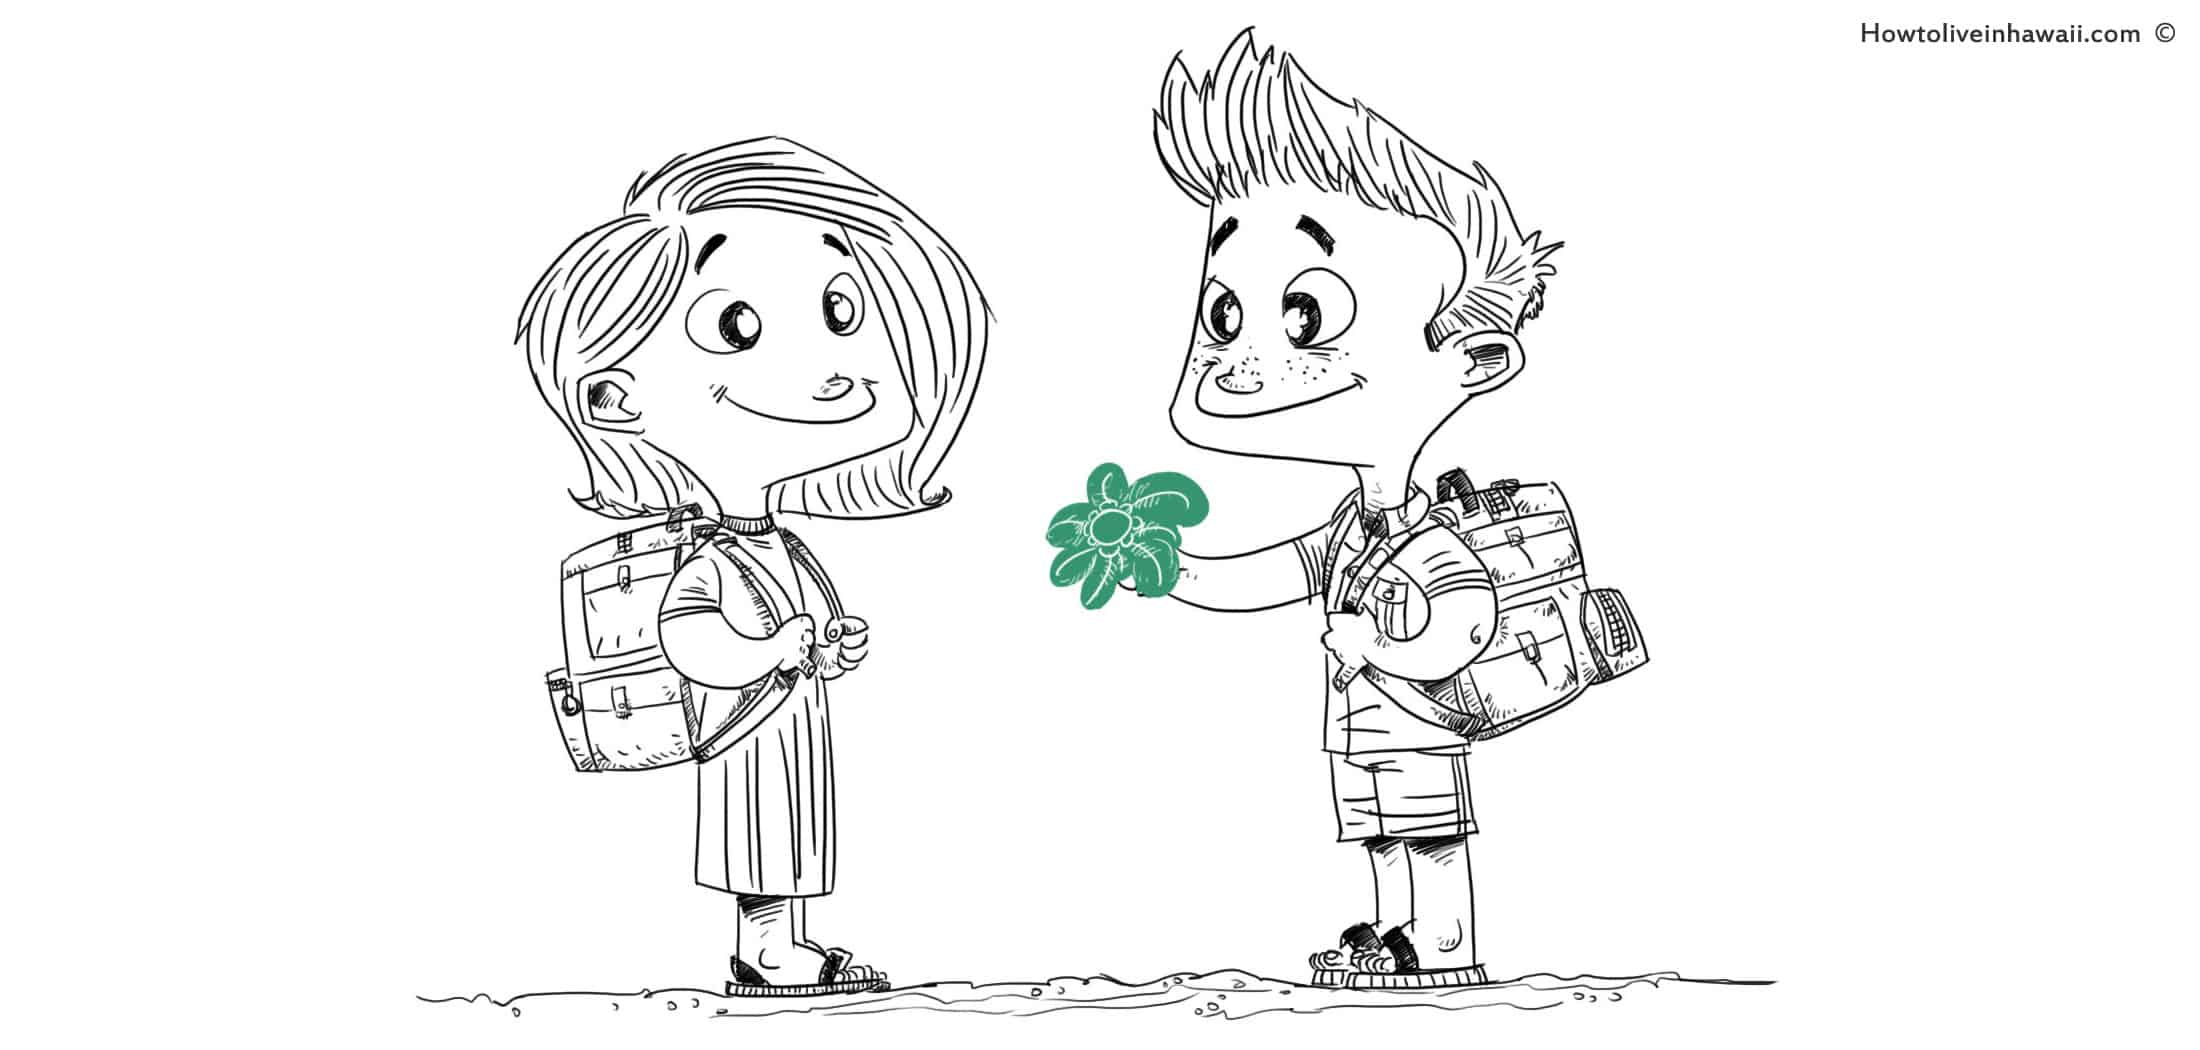 Public Schools In Hawaii: Grades PreK-12